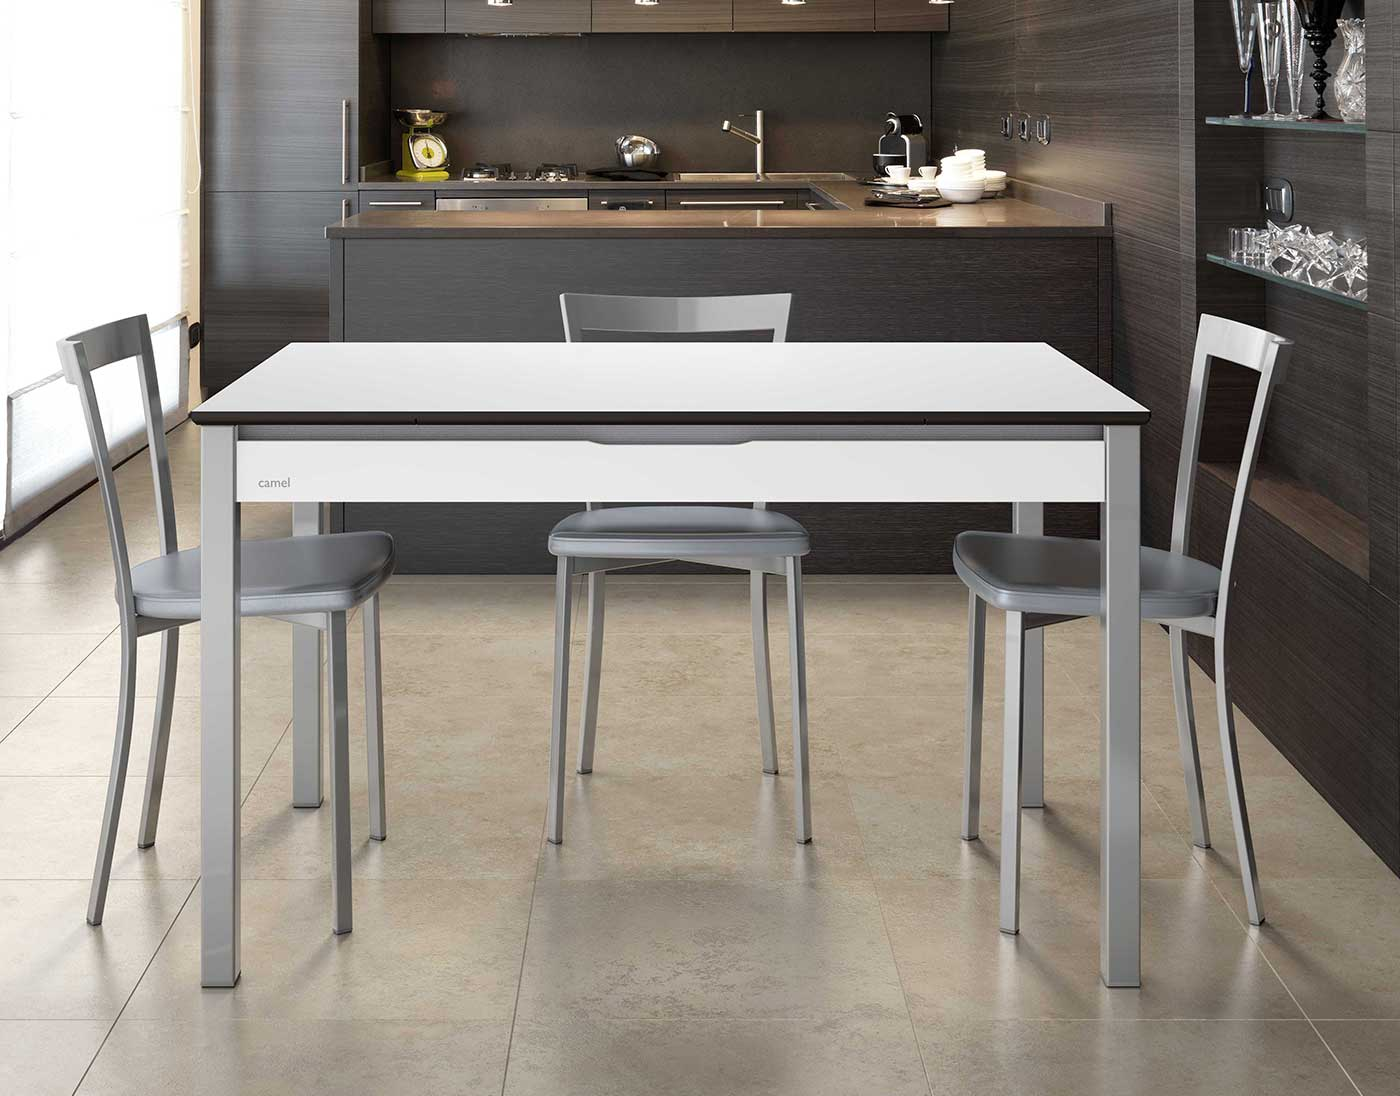 La mejor mesa de cocina comparativa guia de compra del for Cocinas estrechas con mesa